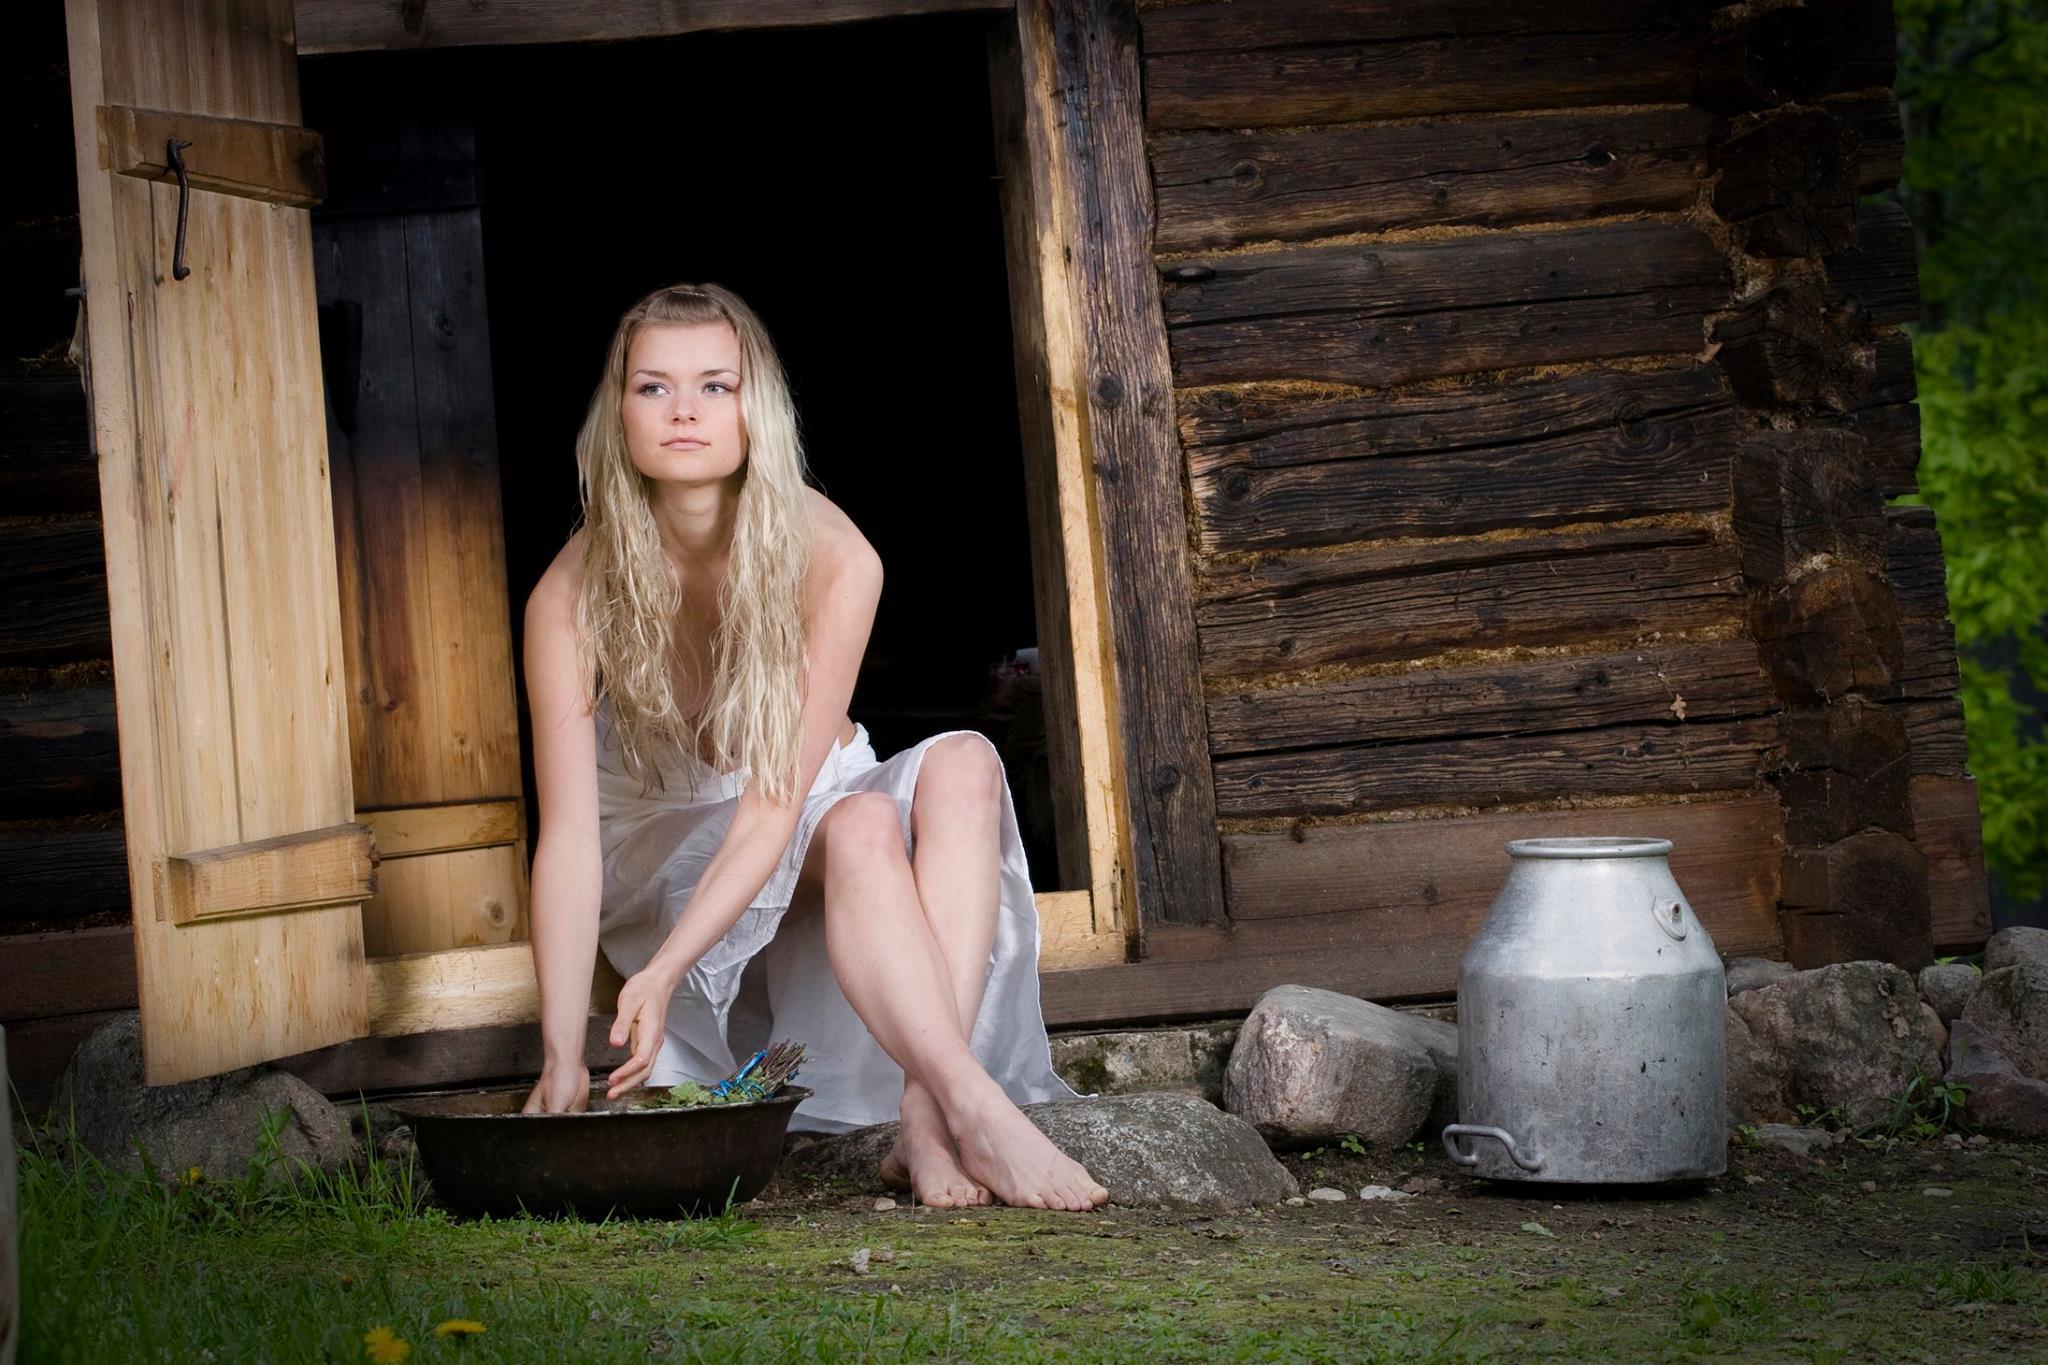 многих женщин домашние фото русских баб в деревне имея возможности наслаждаться